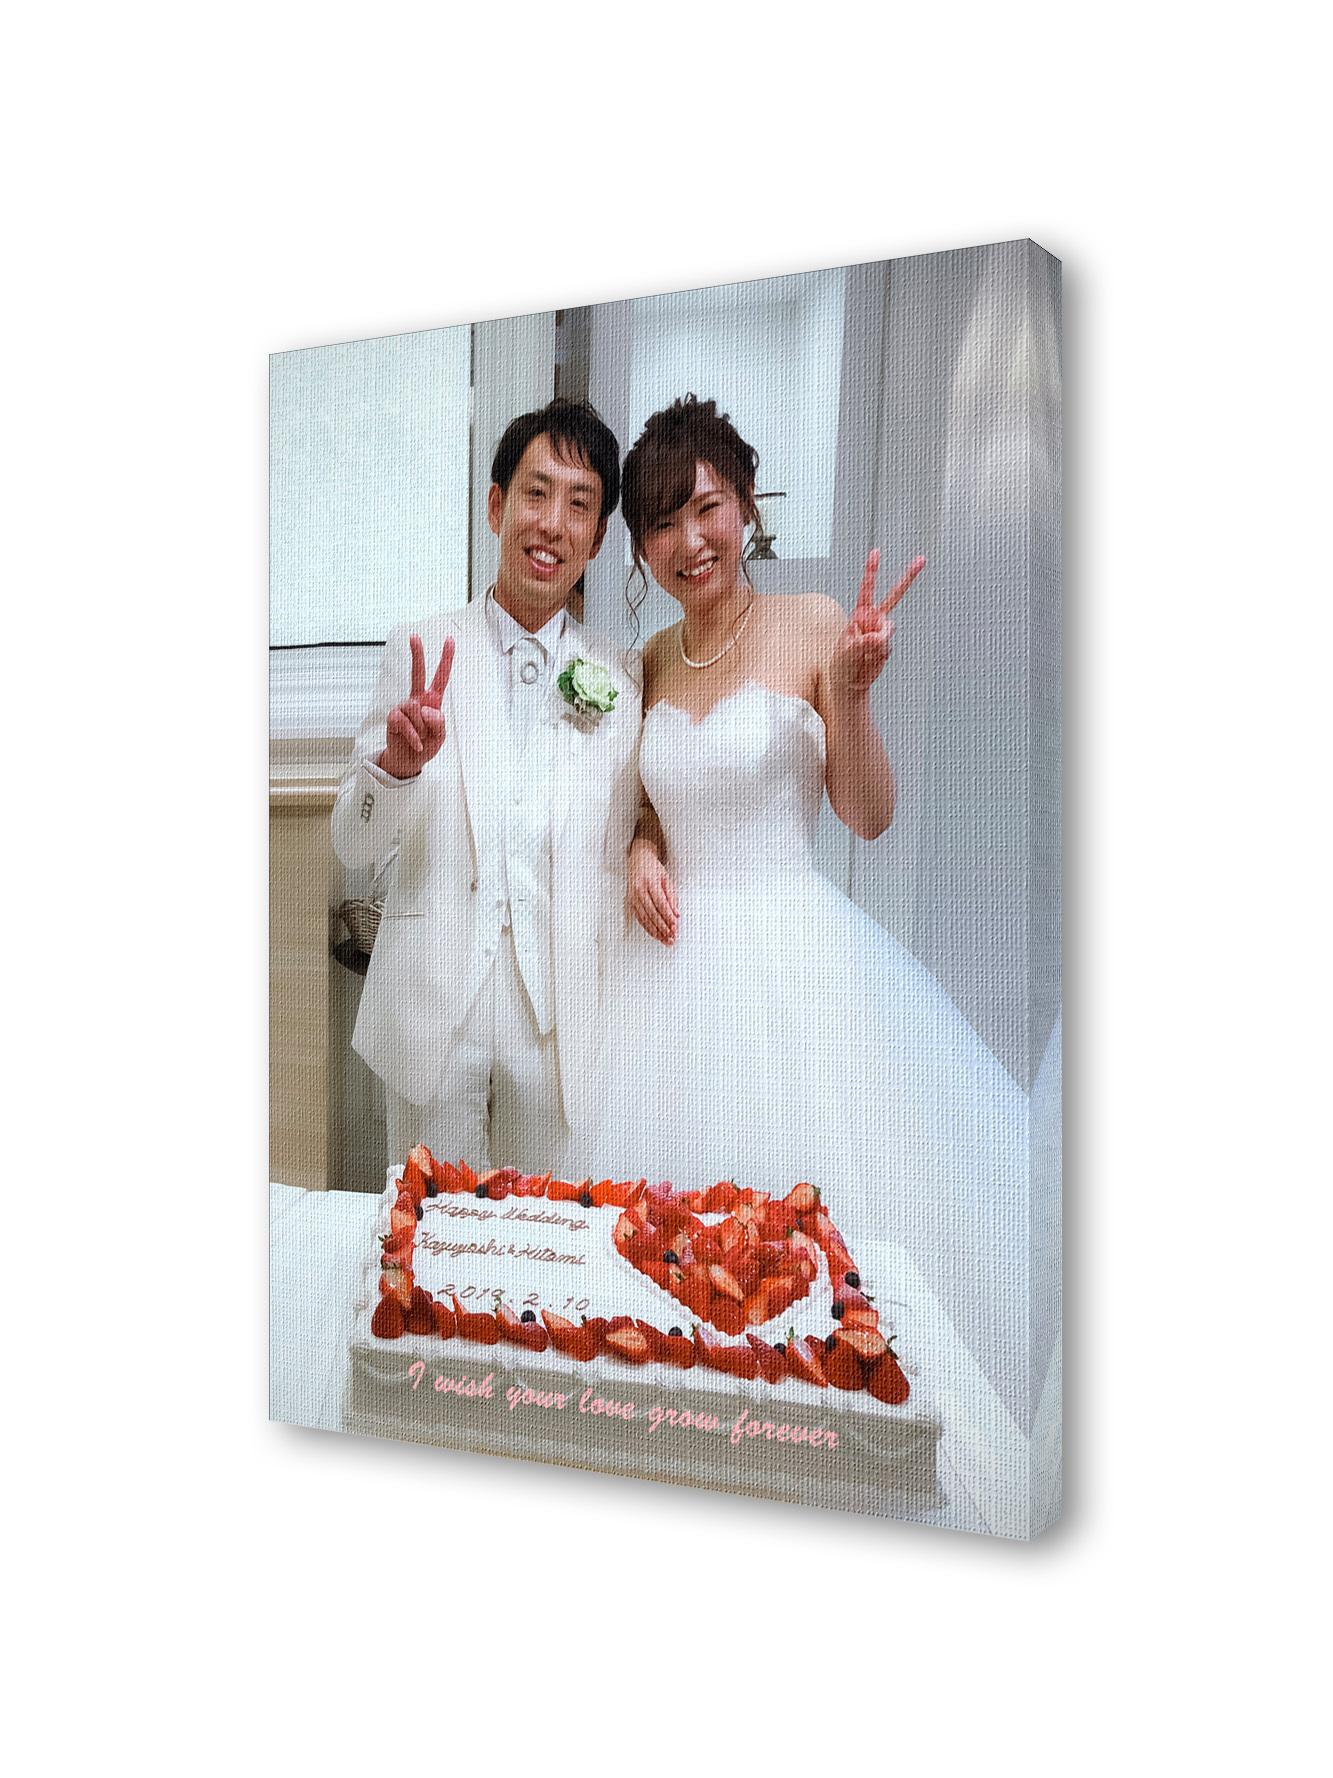 design2_E_mirai_yoneyama_R.jpg